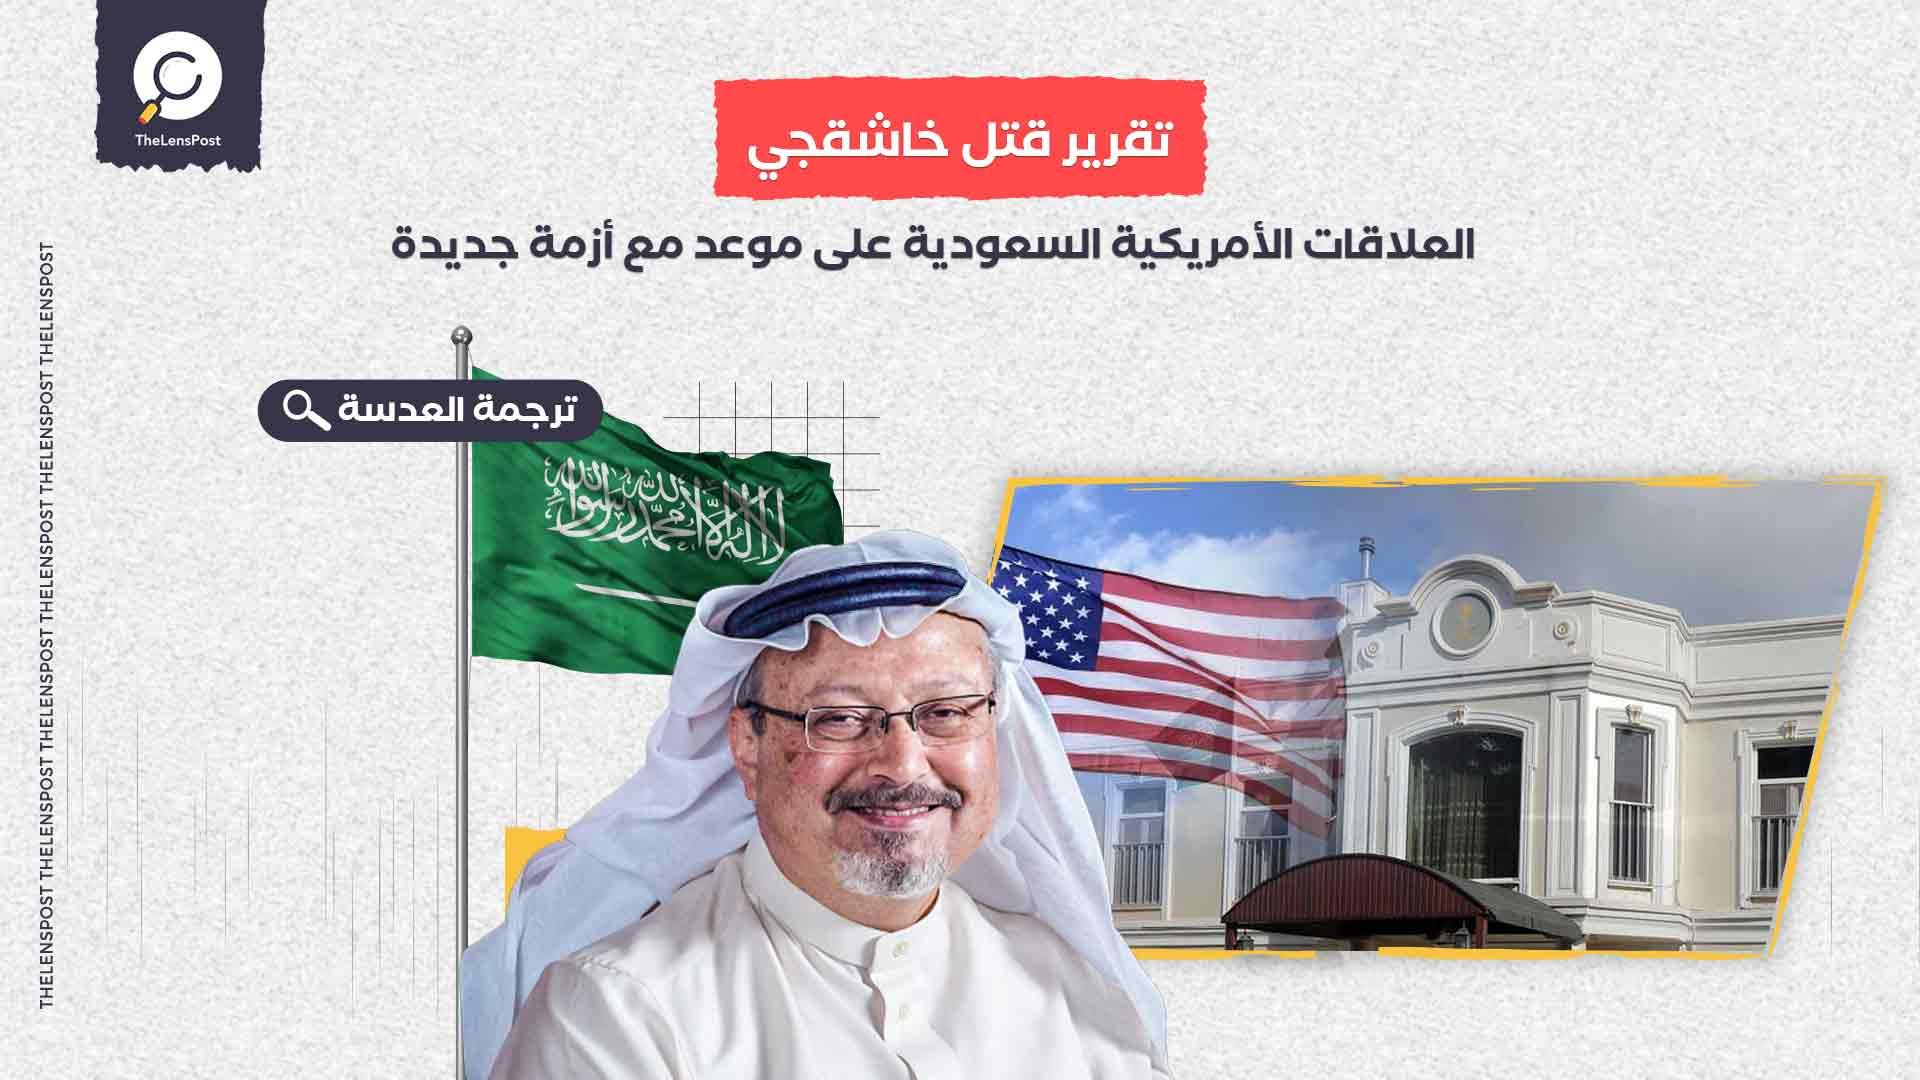 تقرير قتل خاشقجي… العلاقات الأمريكية السعودية على موعد مع أزمة جديدة